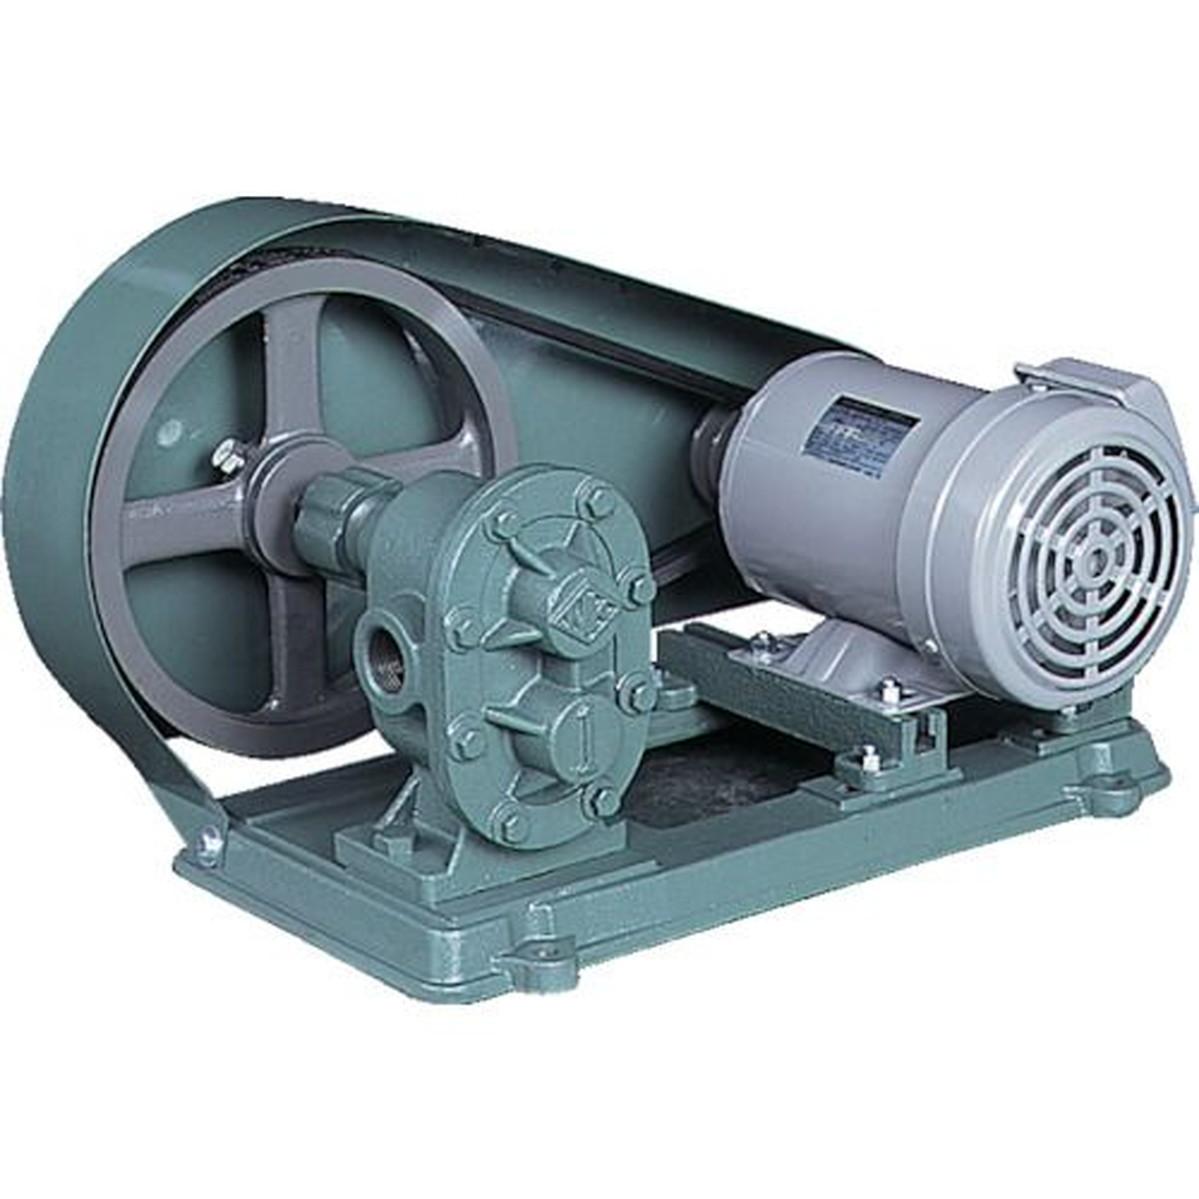 【日本製】 NK ギヤーポンプ(電動機連結型) 口径10A 1台, 大黒屋 ブランド館 a8c603b8